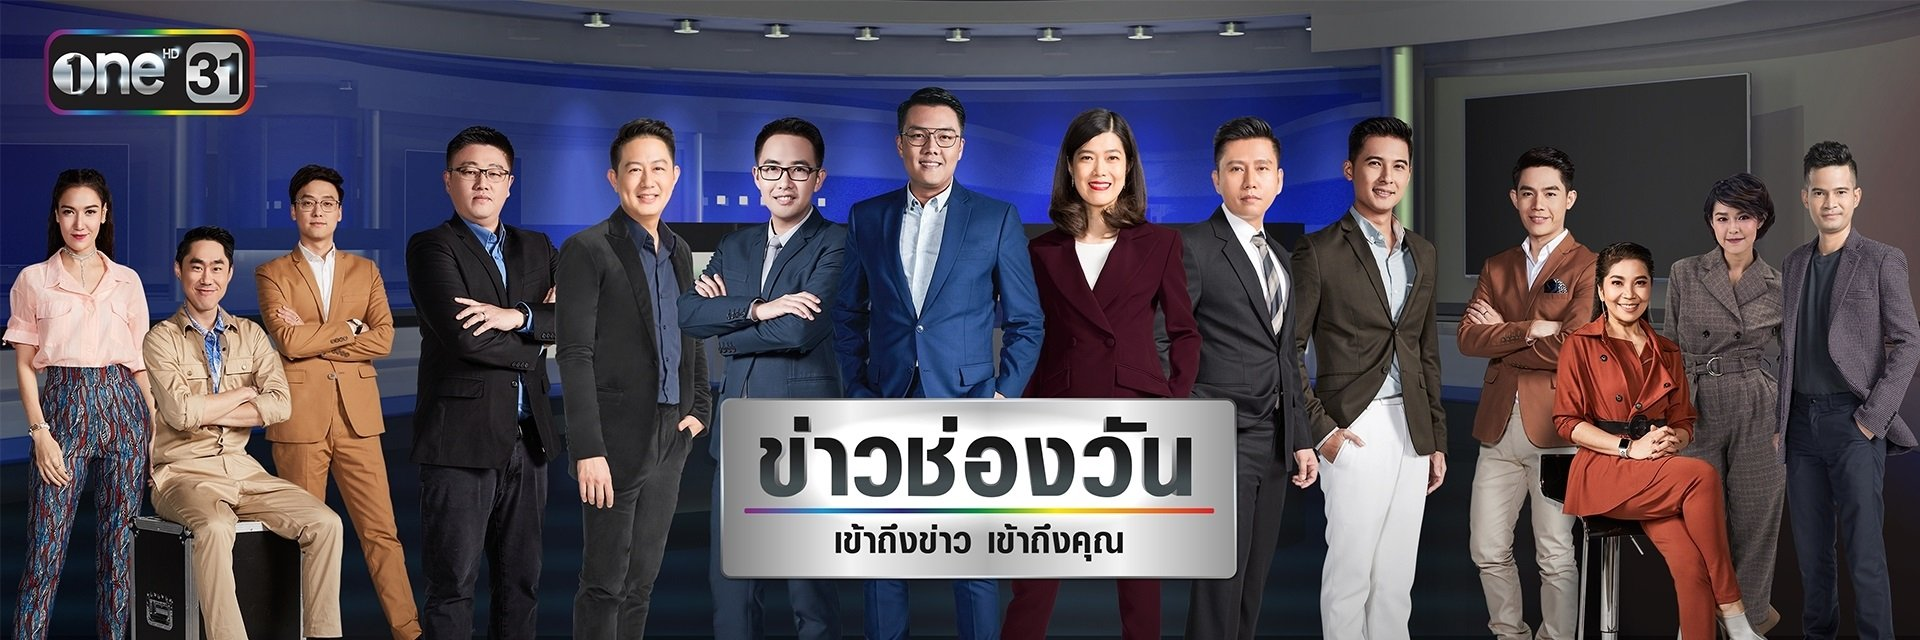 ข่าวช่องวัน 31 เข้าถึงข่าว ข่าวถึงคุณ